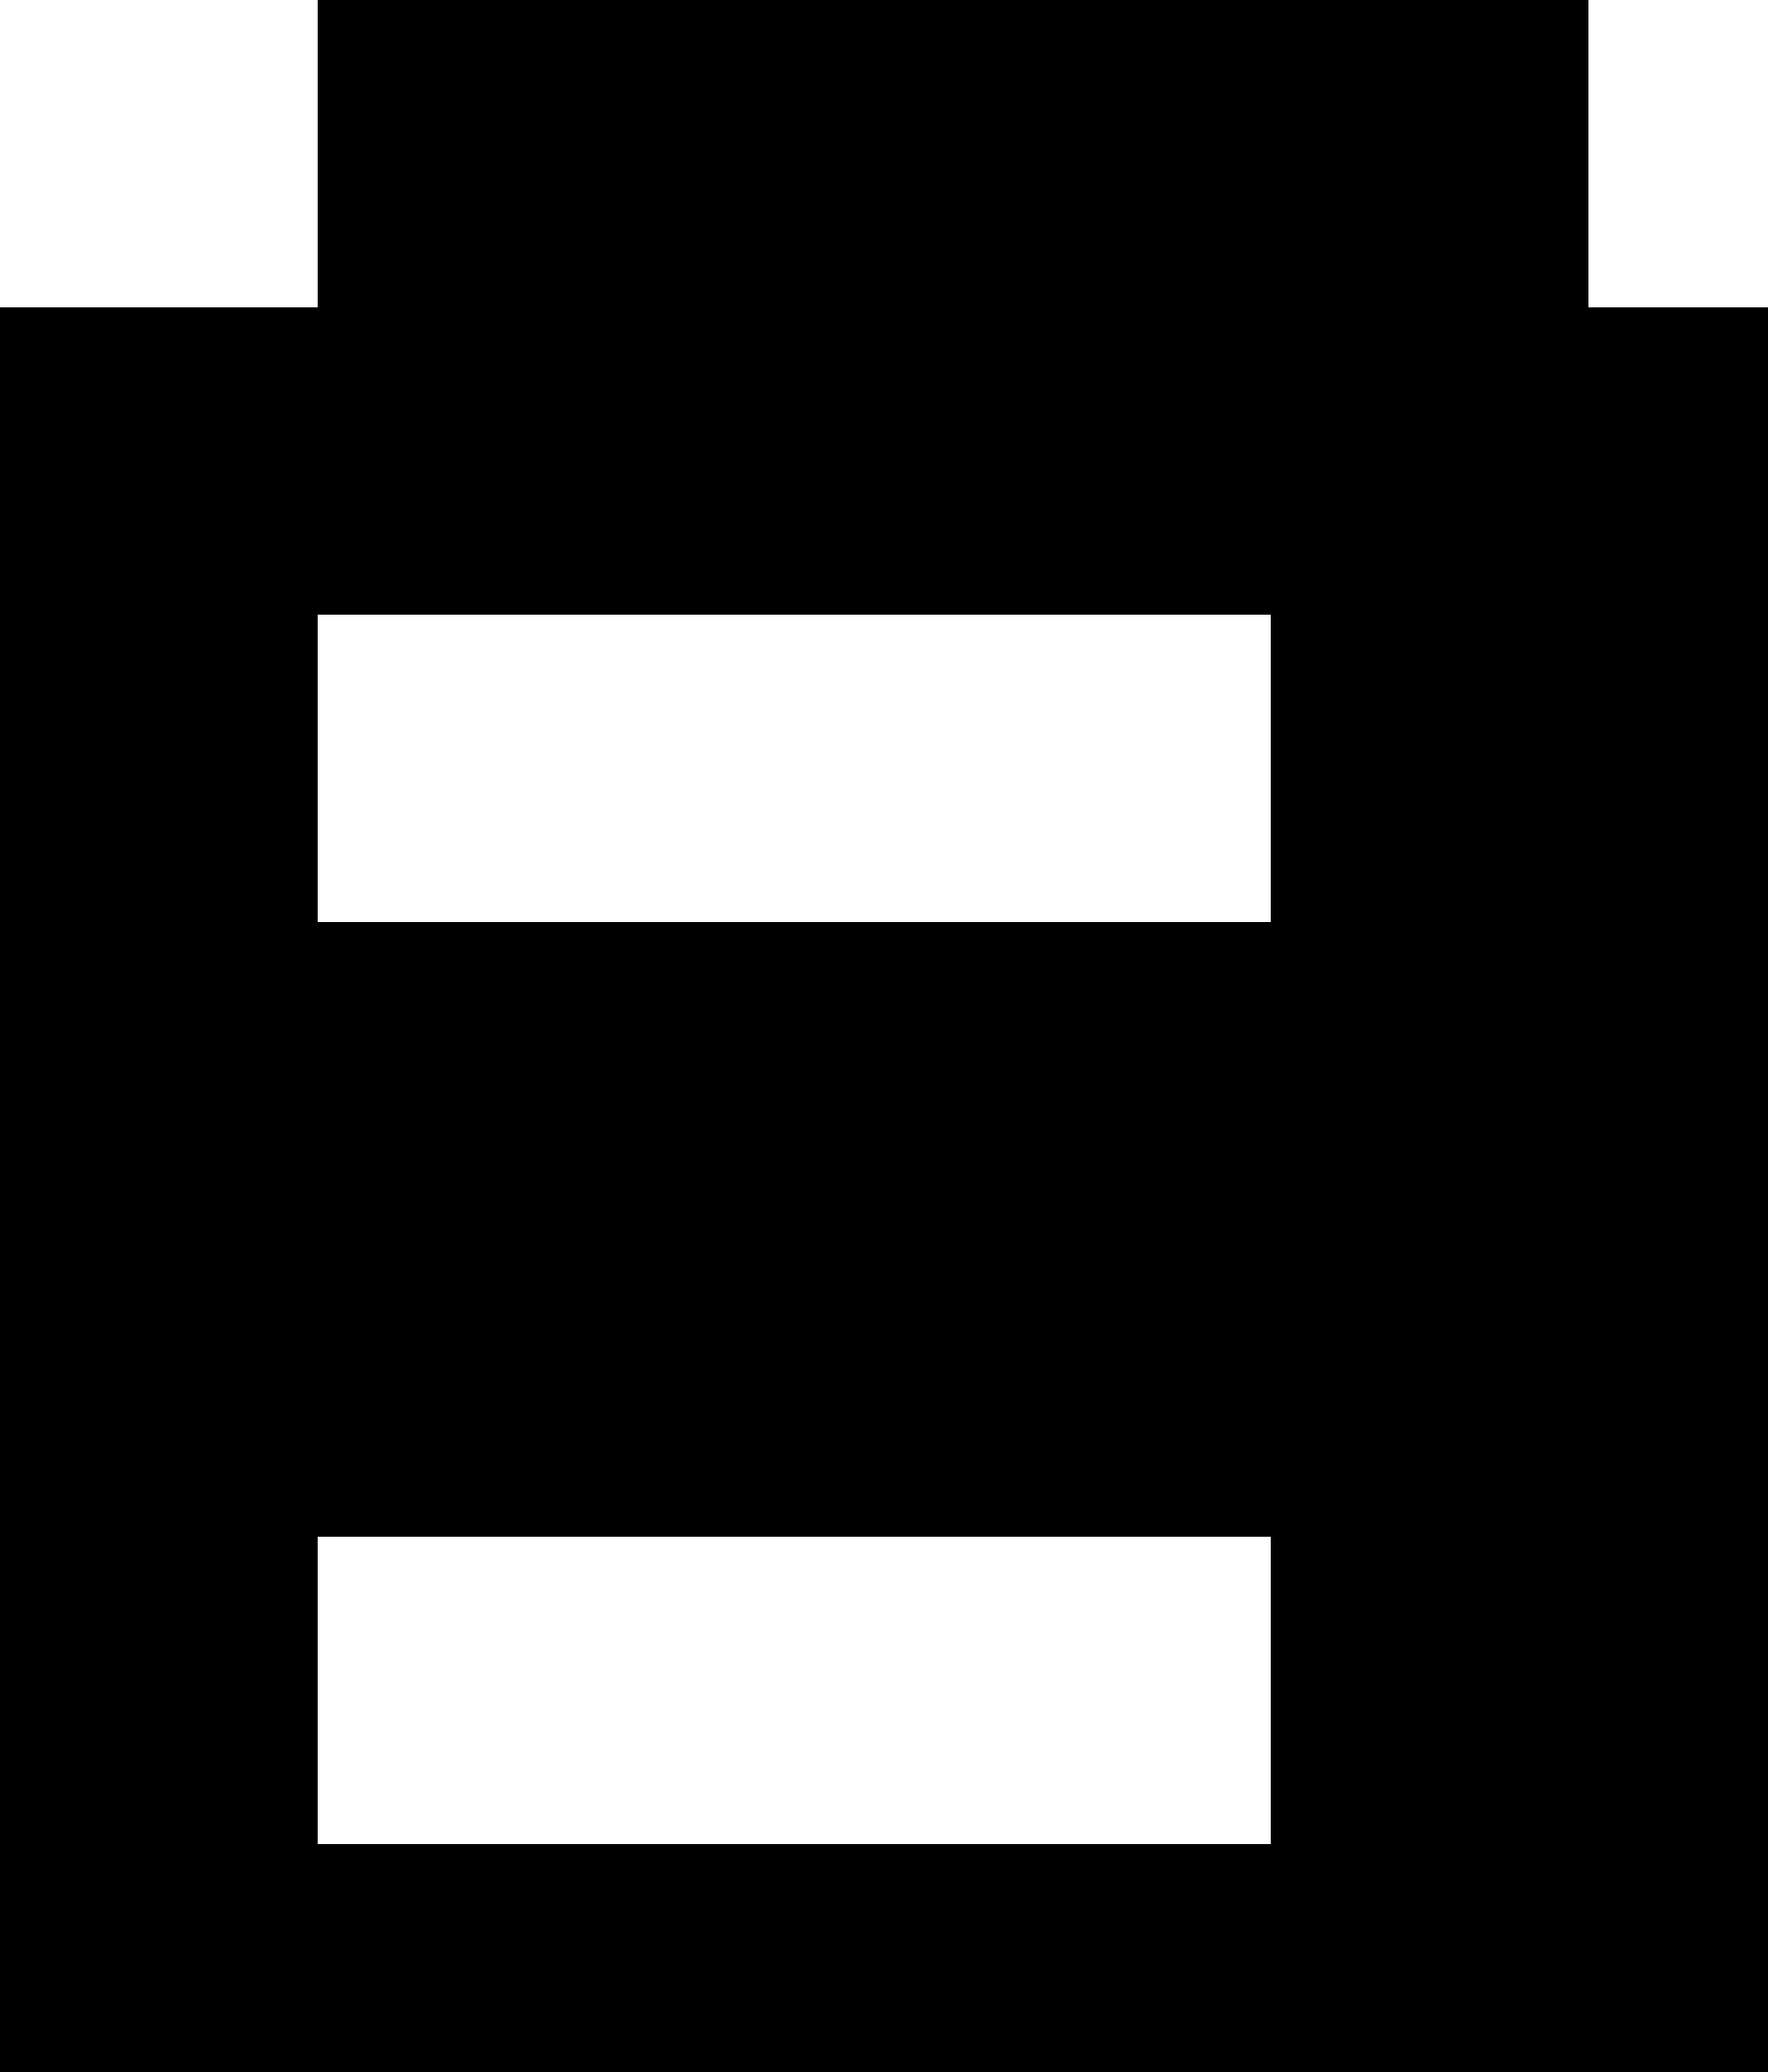 png free download IGTV Logo Black PNG Transparent